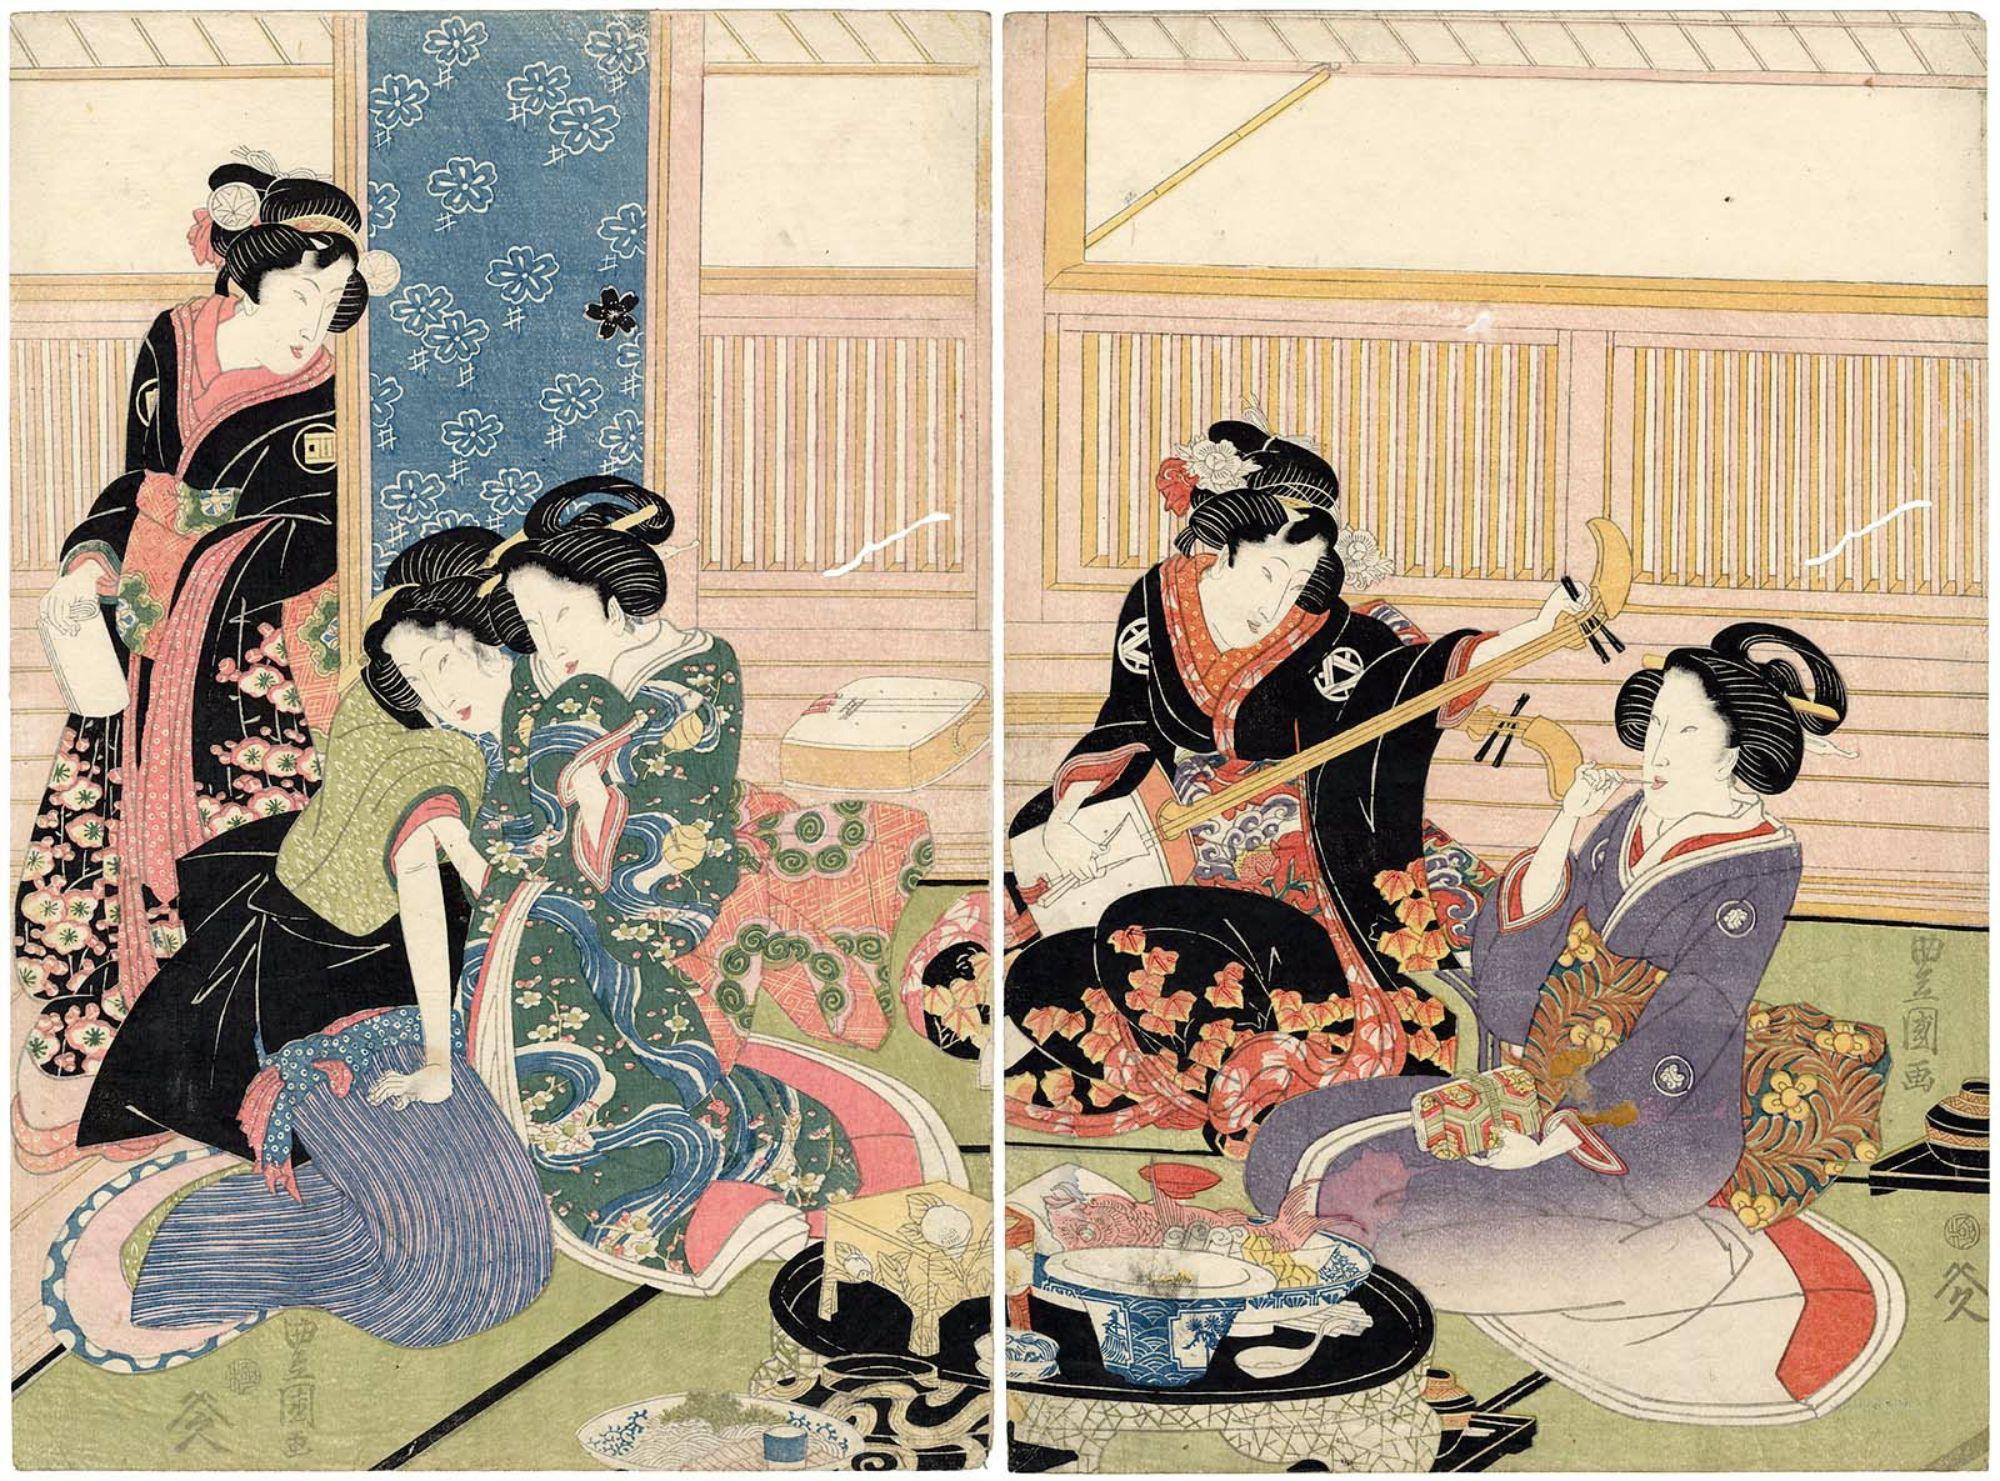 Utagawa Toyoshige Palace Maids And Male Prostitutes